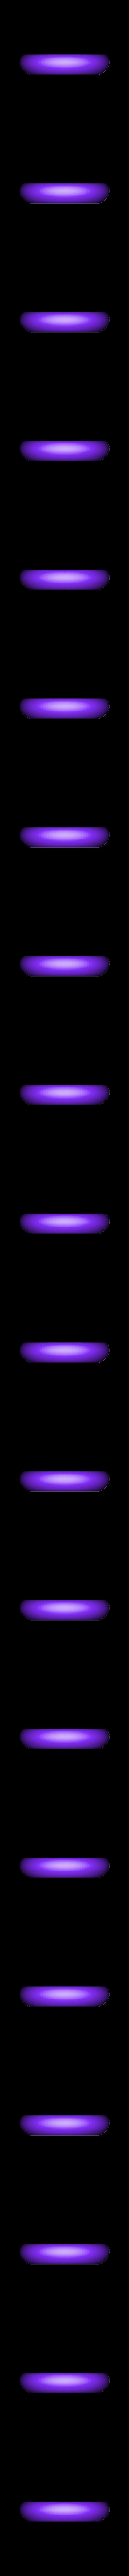 Oval_Pot_no_tall.stl Télécharger fichier STL gratuit Pot ovale sans profondeur • Modèle à imprimer en 3D, Isi8Bit